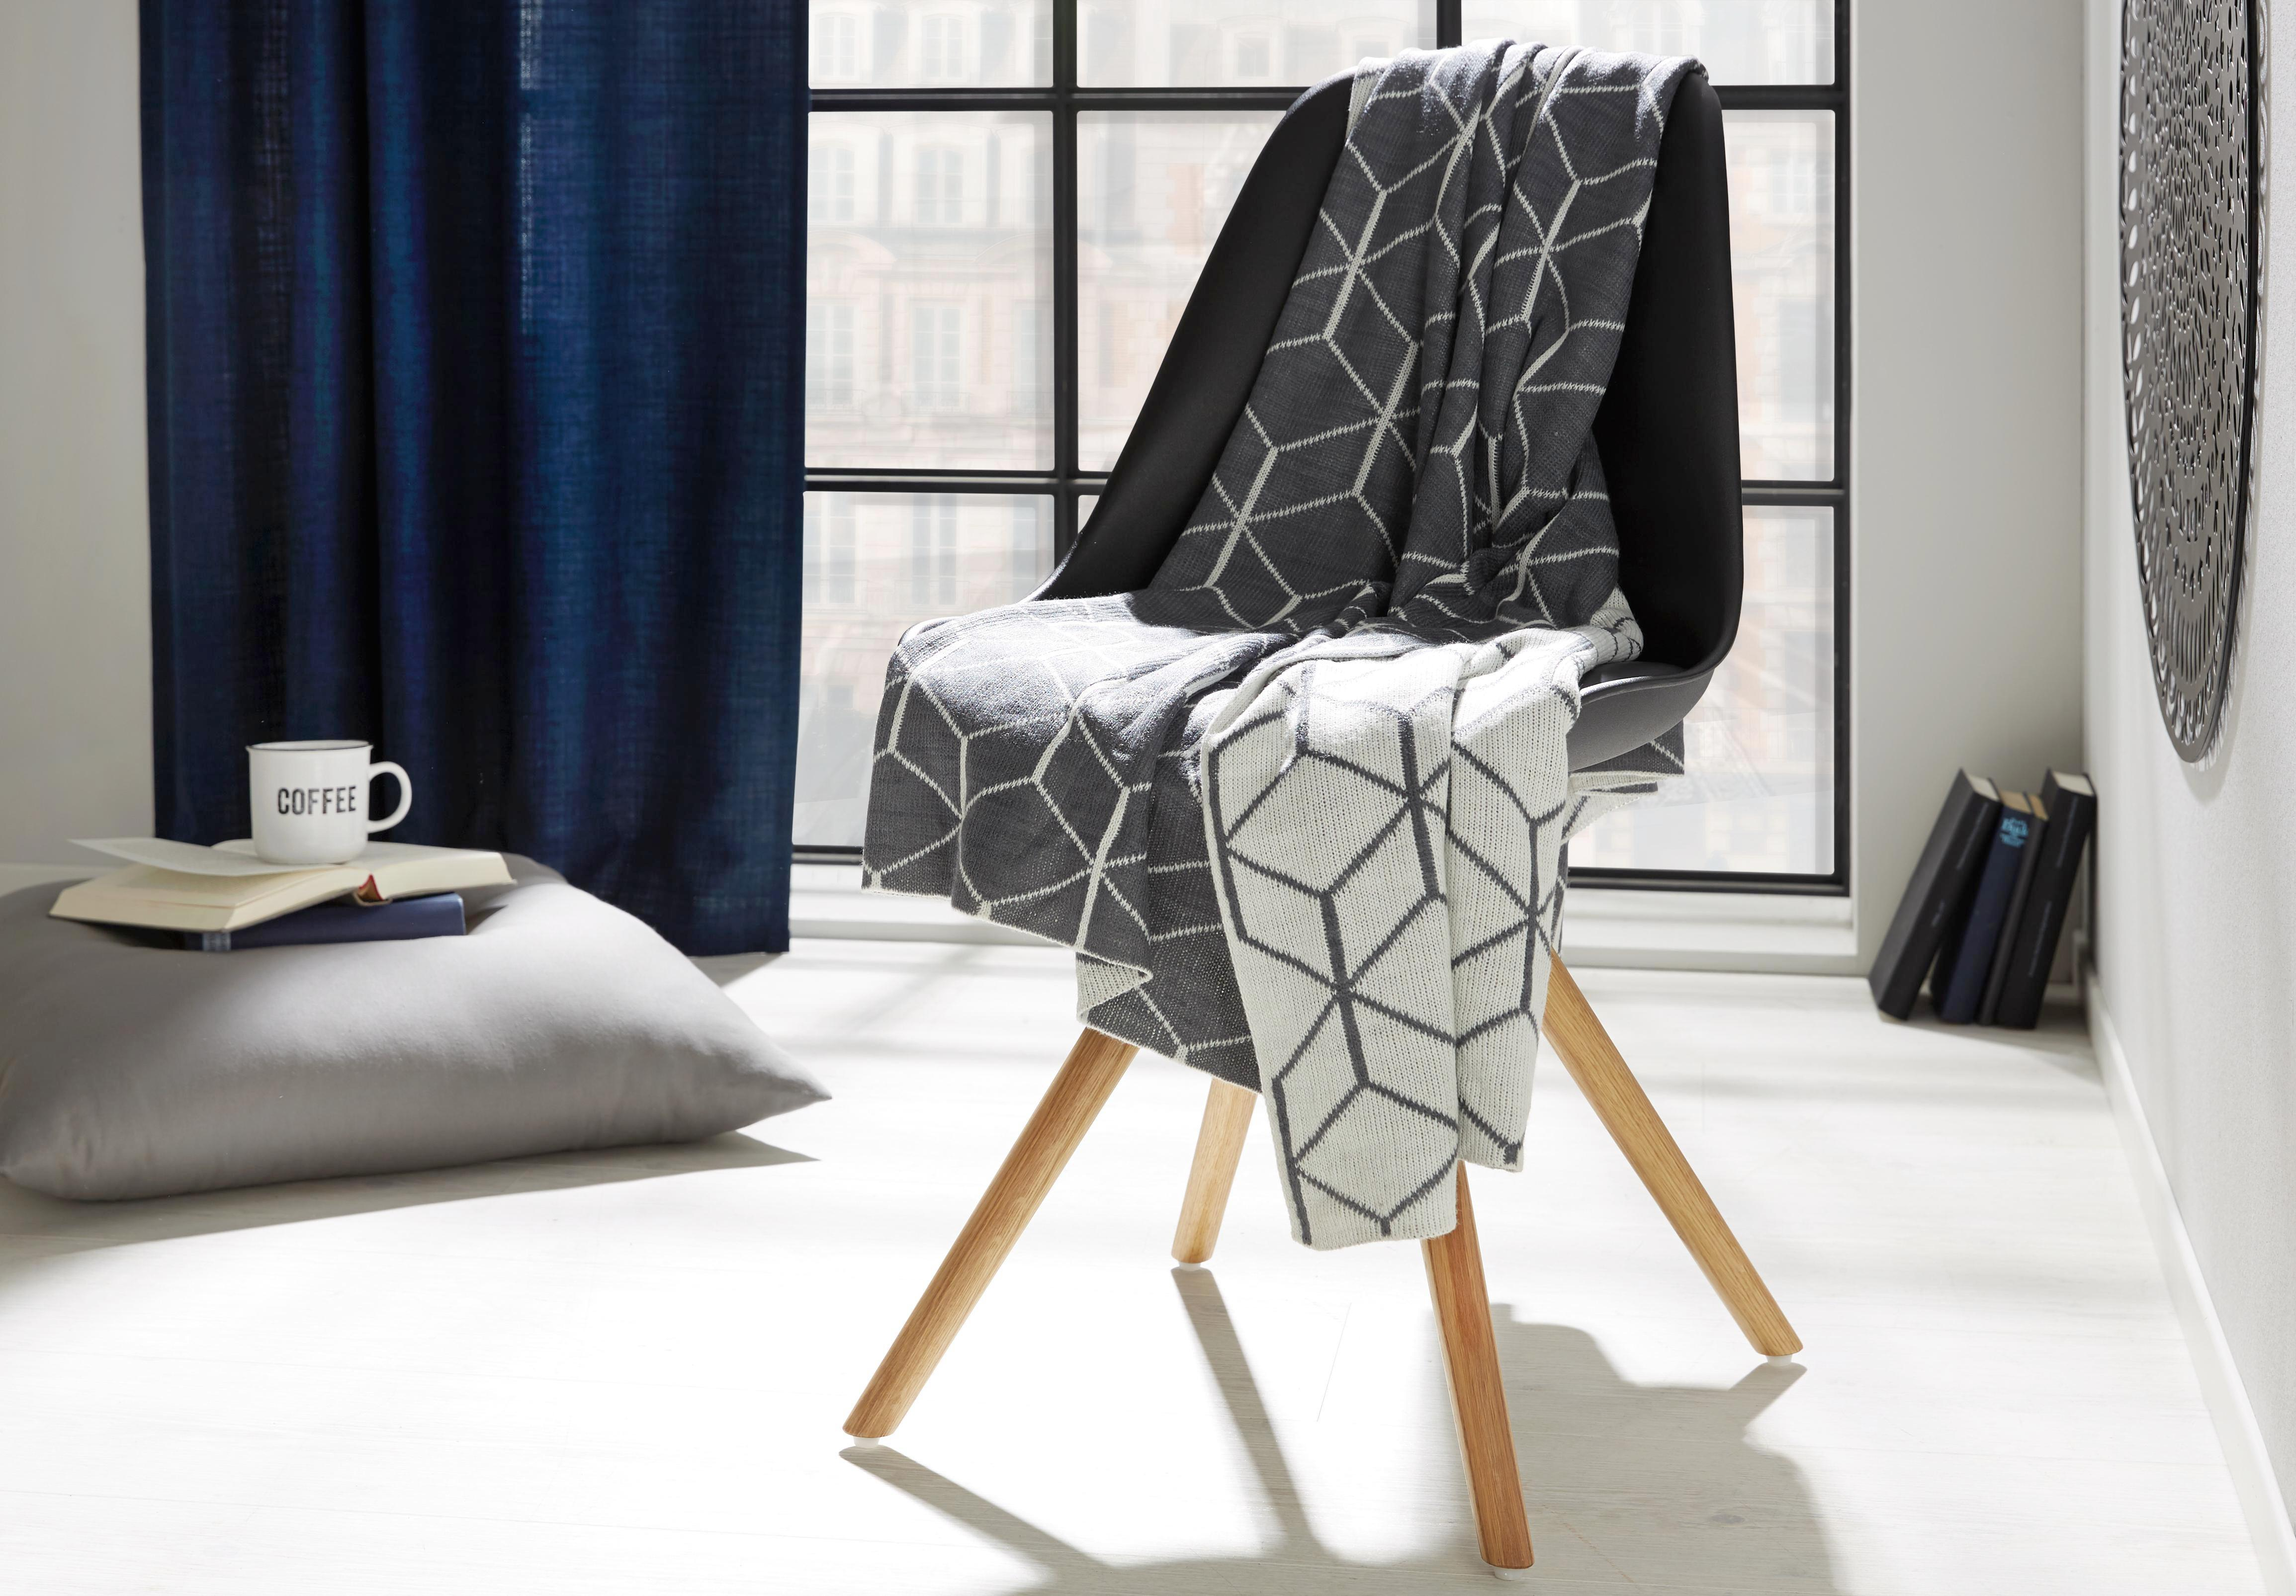 Polštář Ozdobný Bigmex - šedá, textil (60/60cm) - MÖMAX modern living